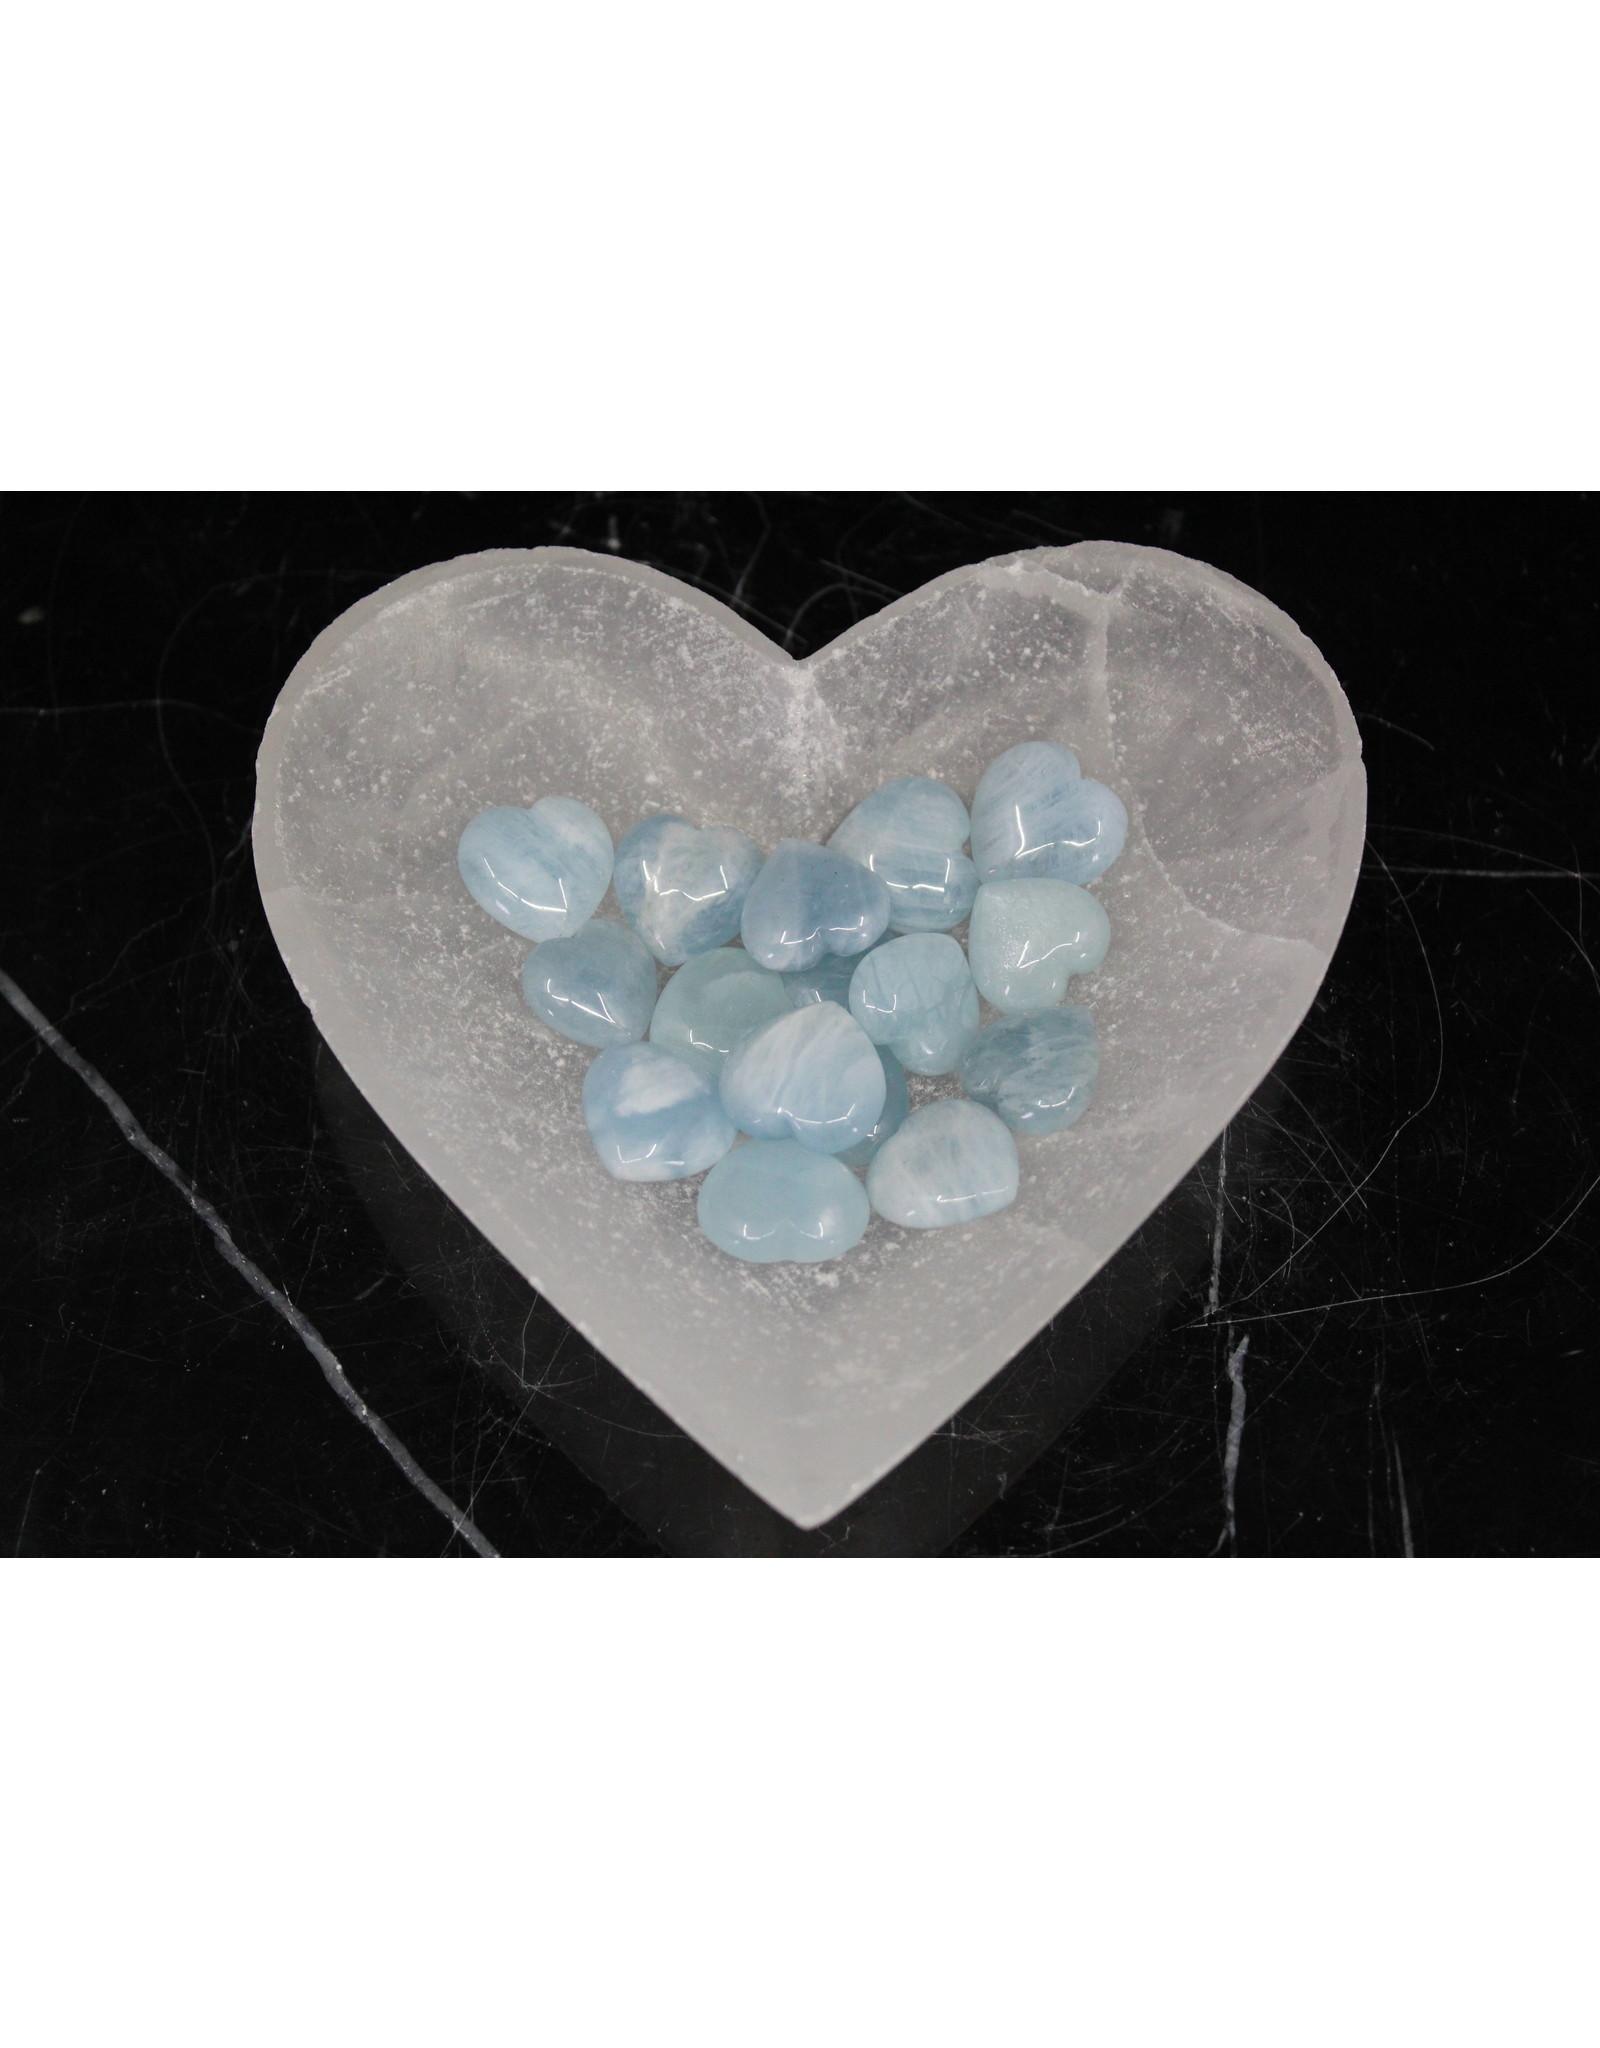 Aquamarine Heart - Medium